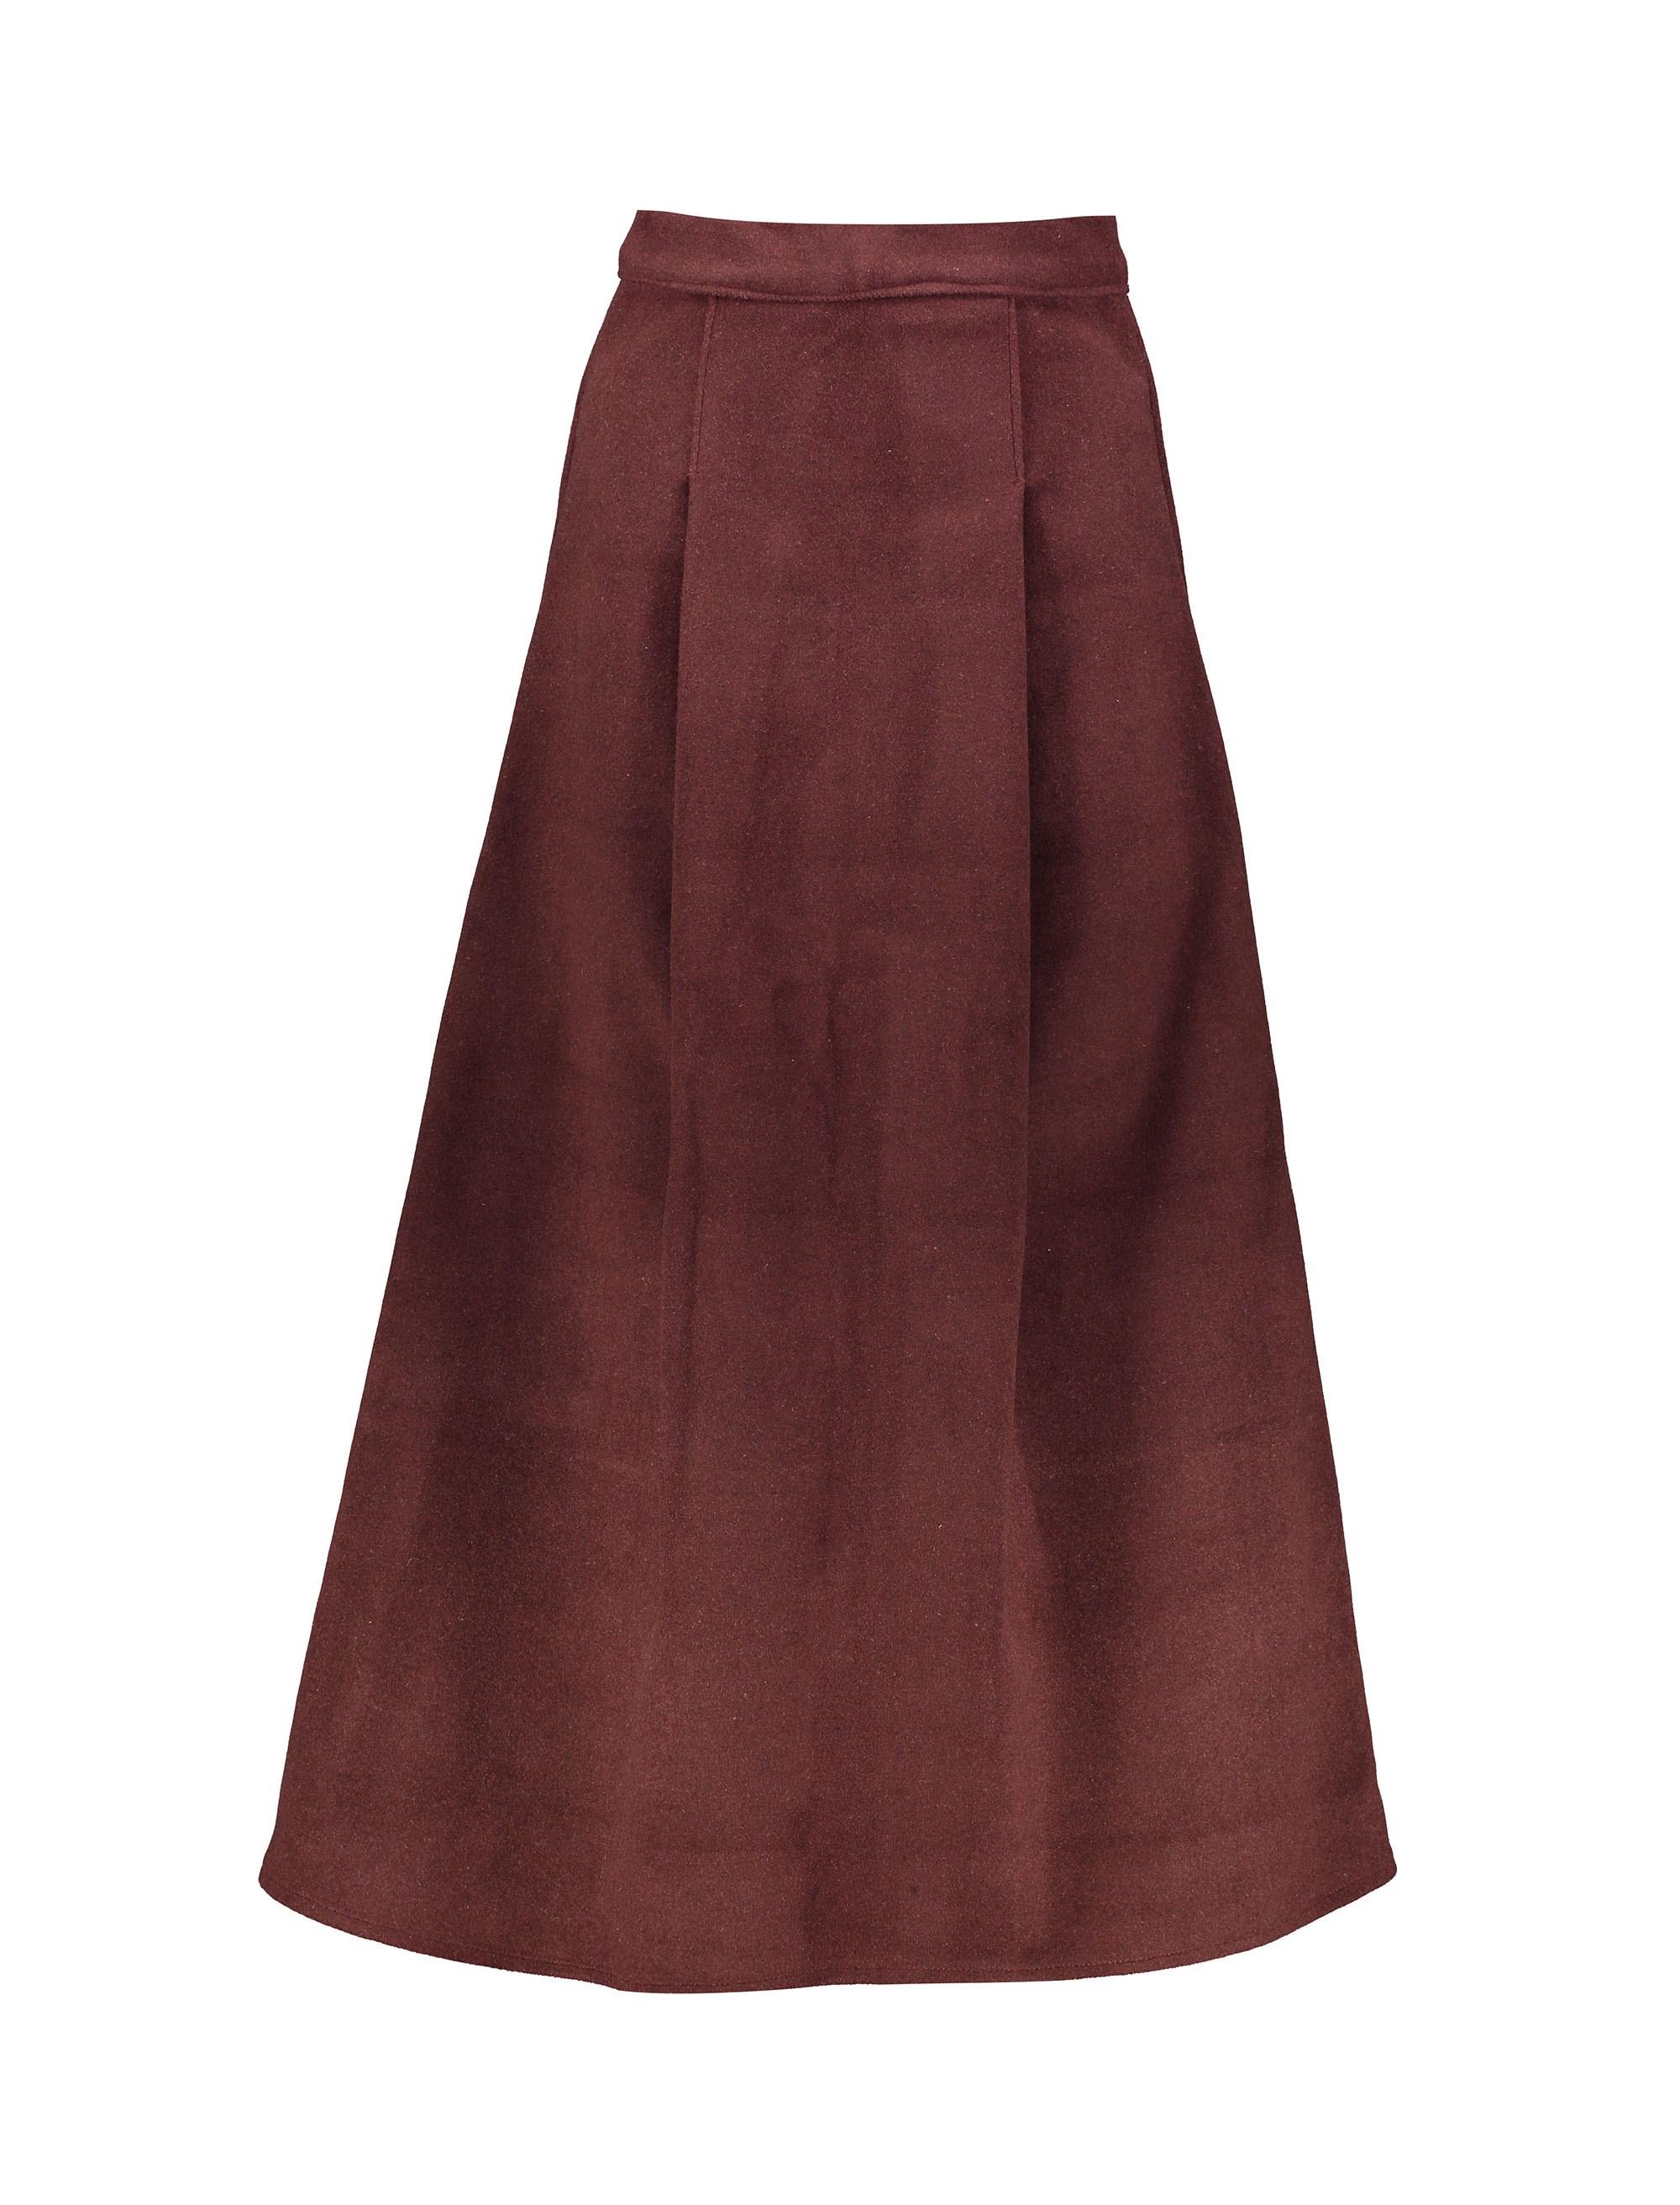 دامن پشمی بلند زنانه - زرشکي - 1